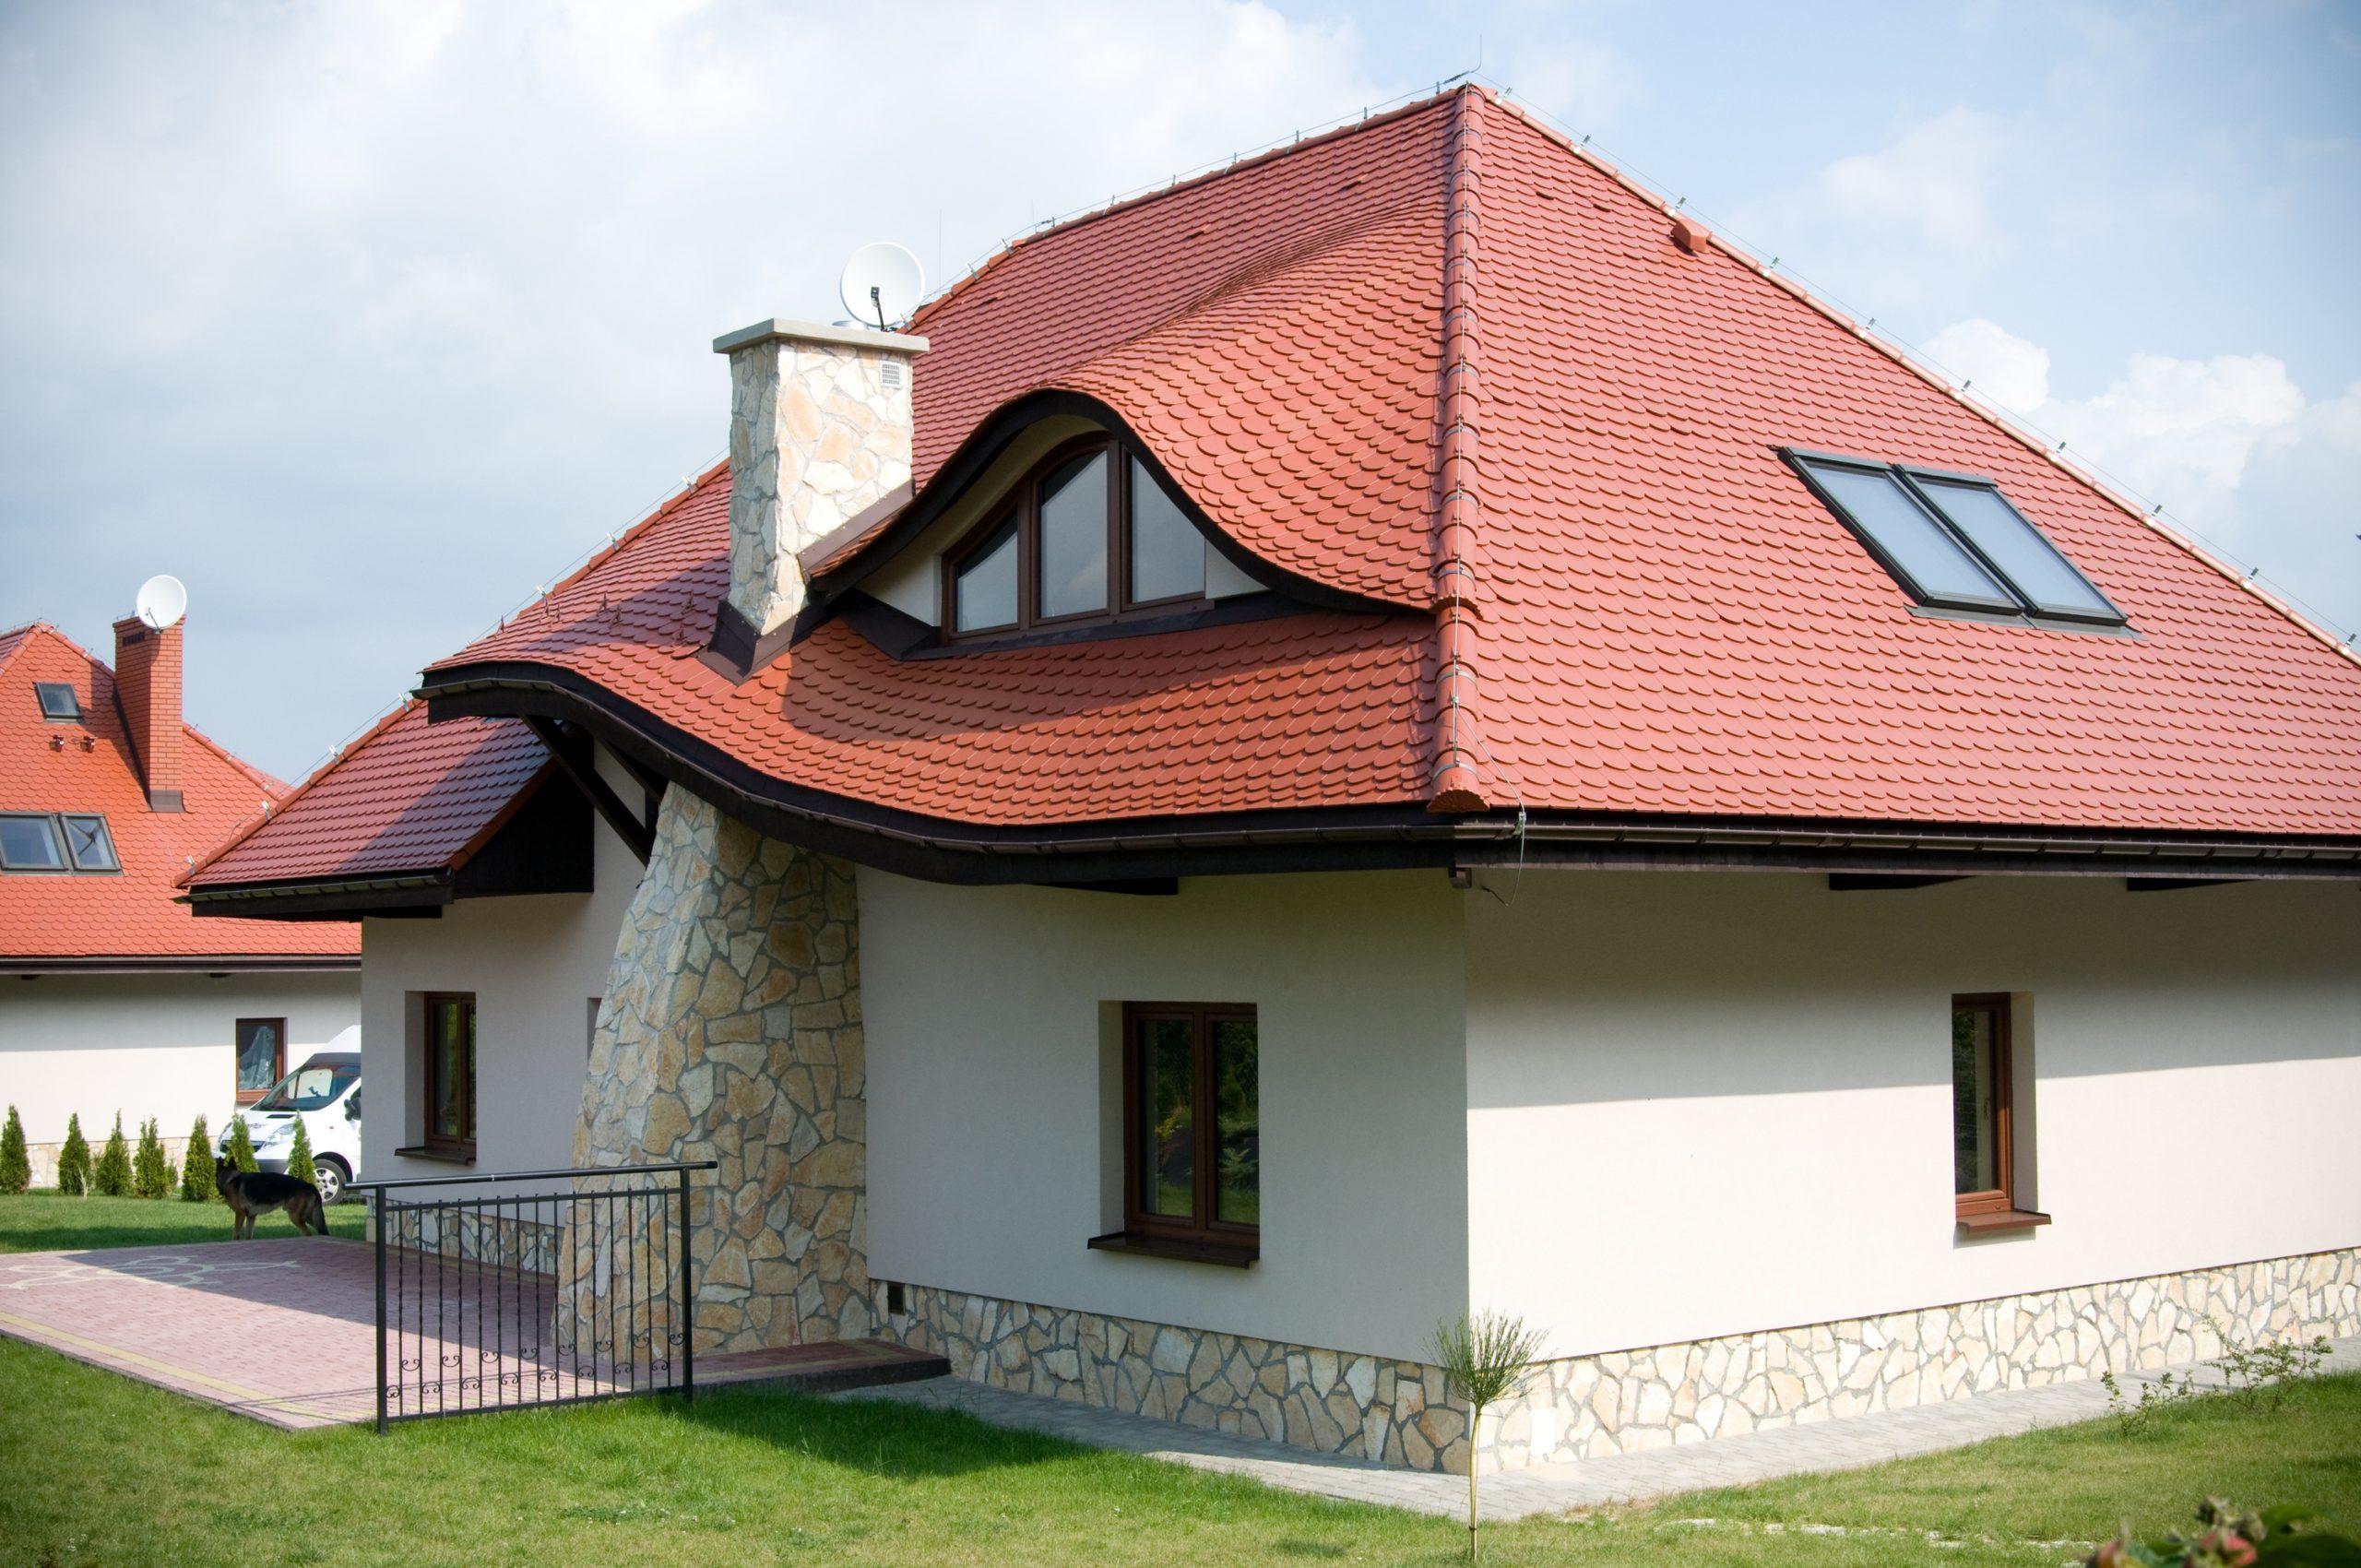 Крыши из металлочерепицы фото шоколад снимки, демонстрирующие